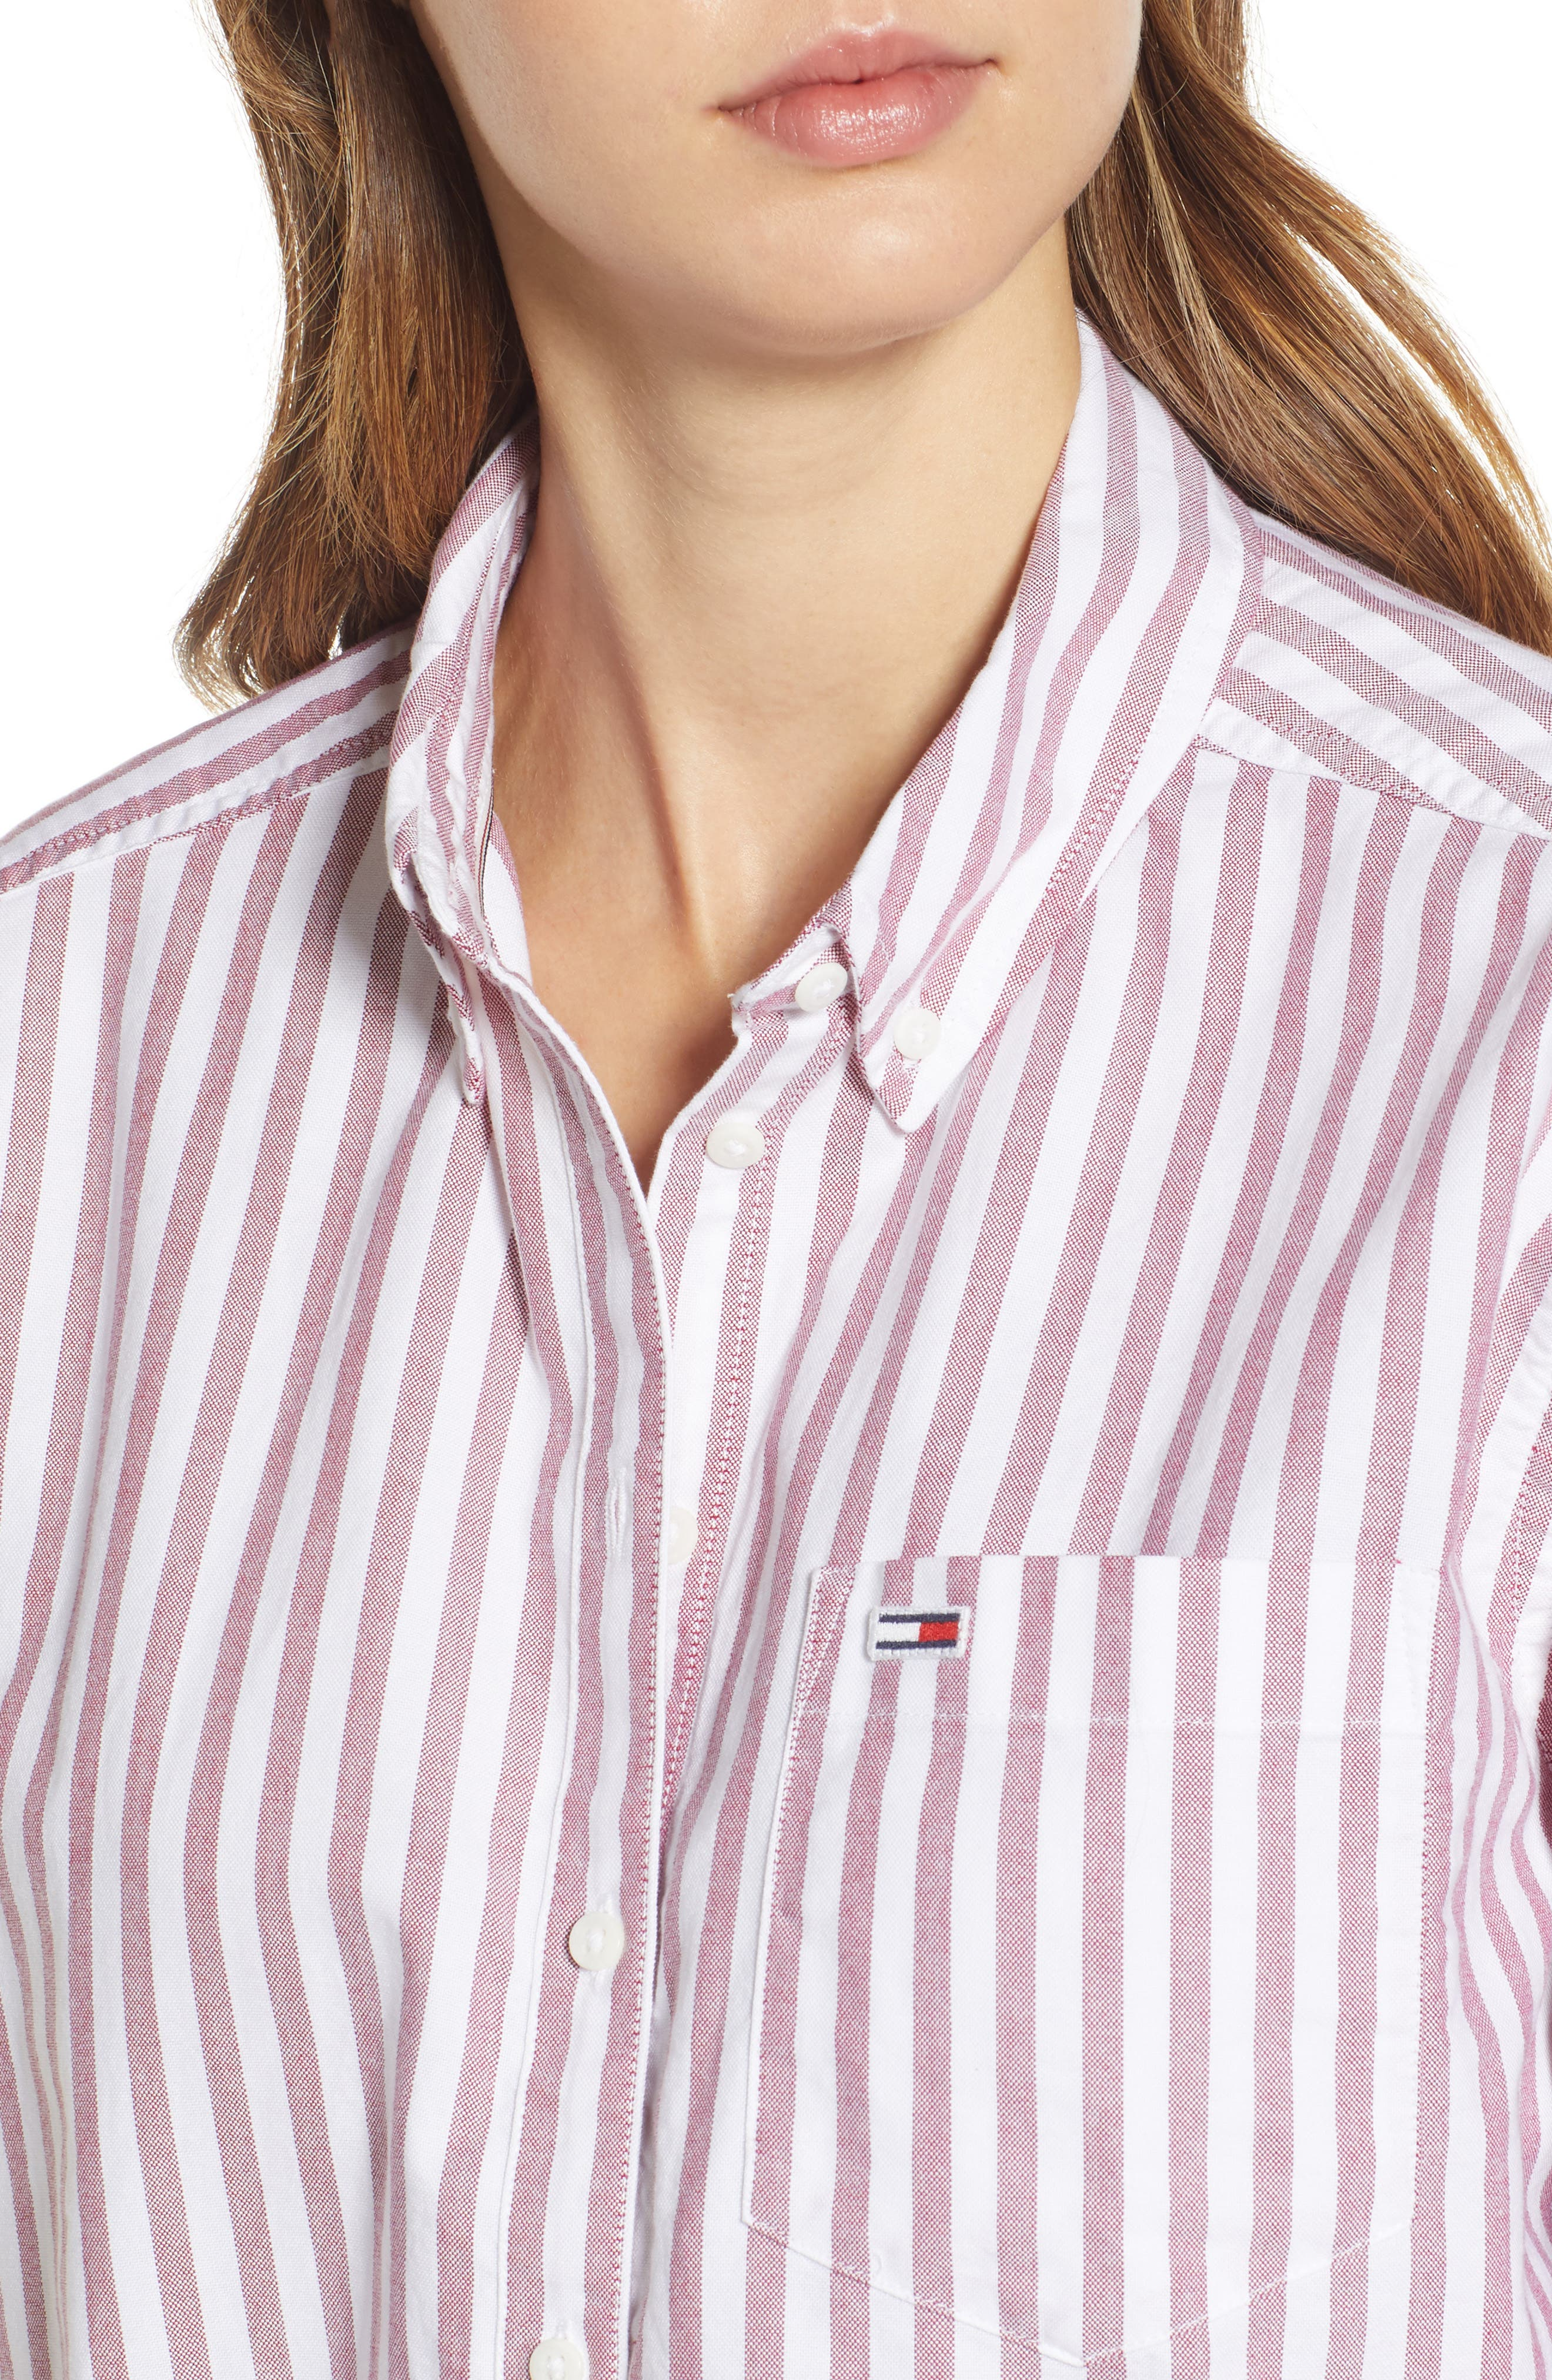 TJW Classics Stripe Shirt,                             Alternate thumbnail 4, color,                             RUMBA RED / BRIGHT WHITE